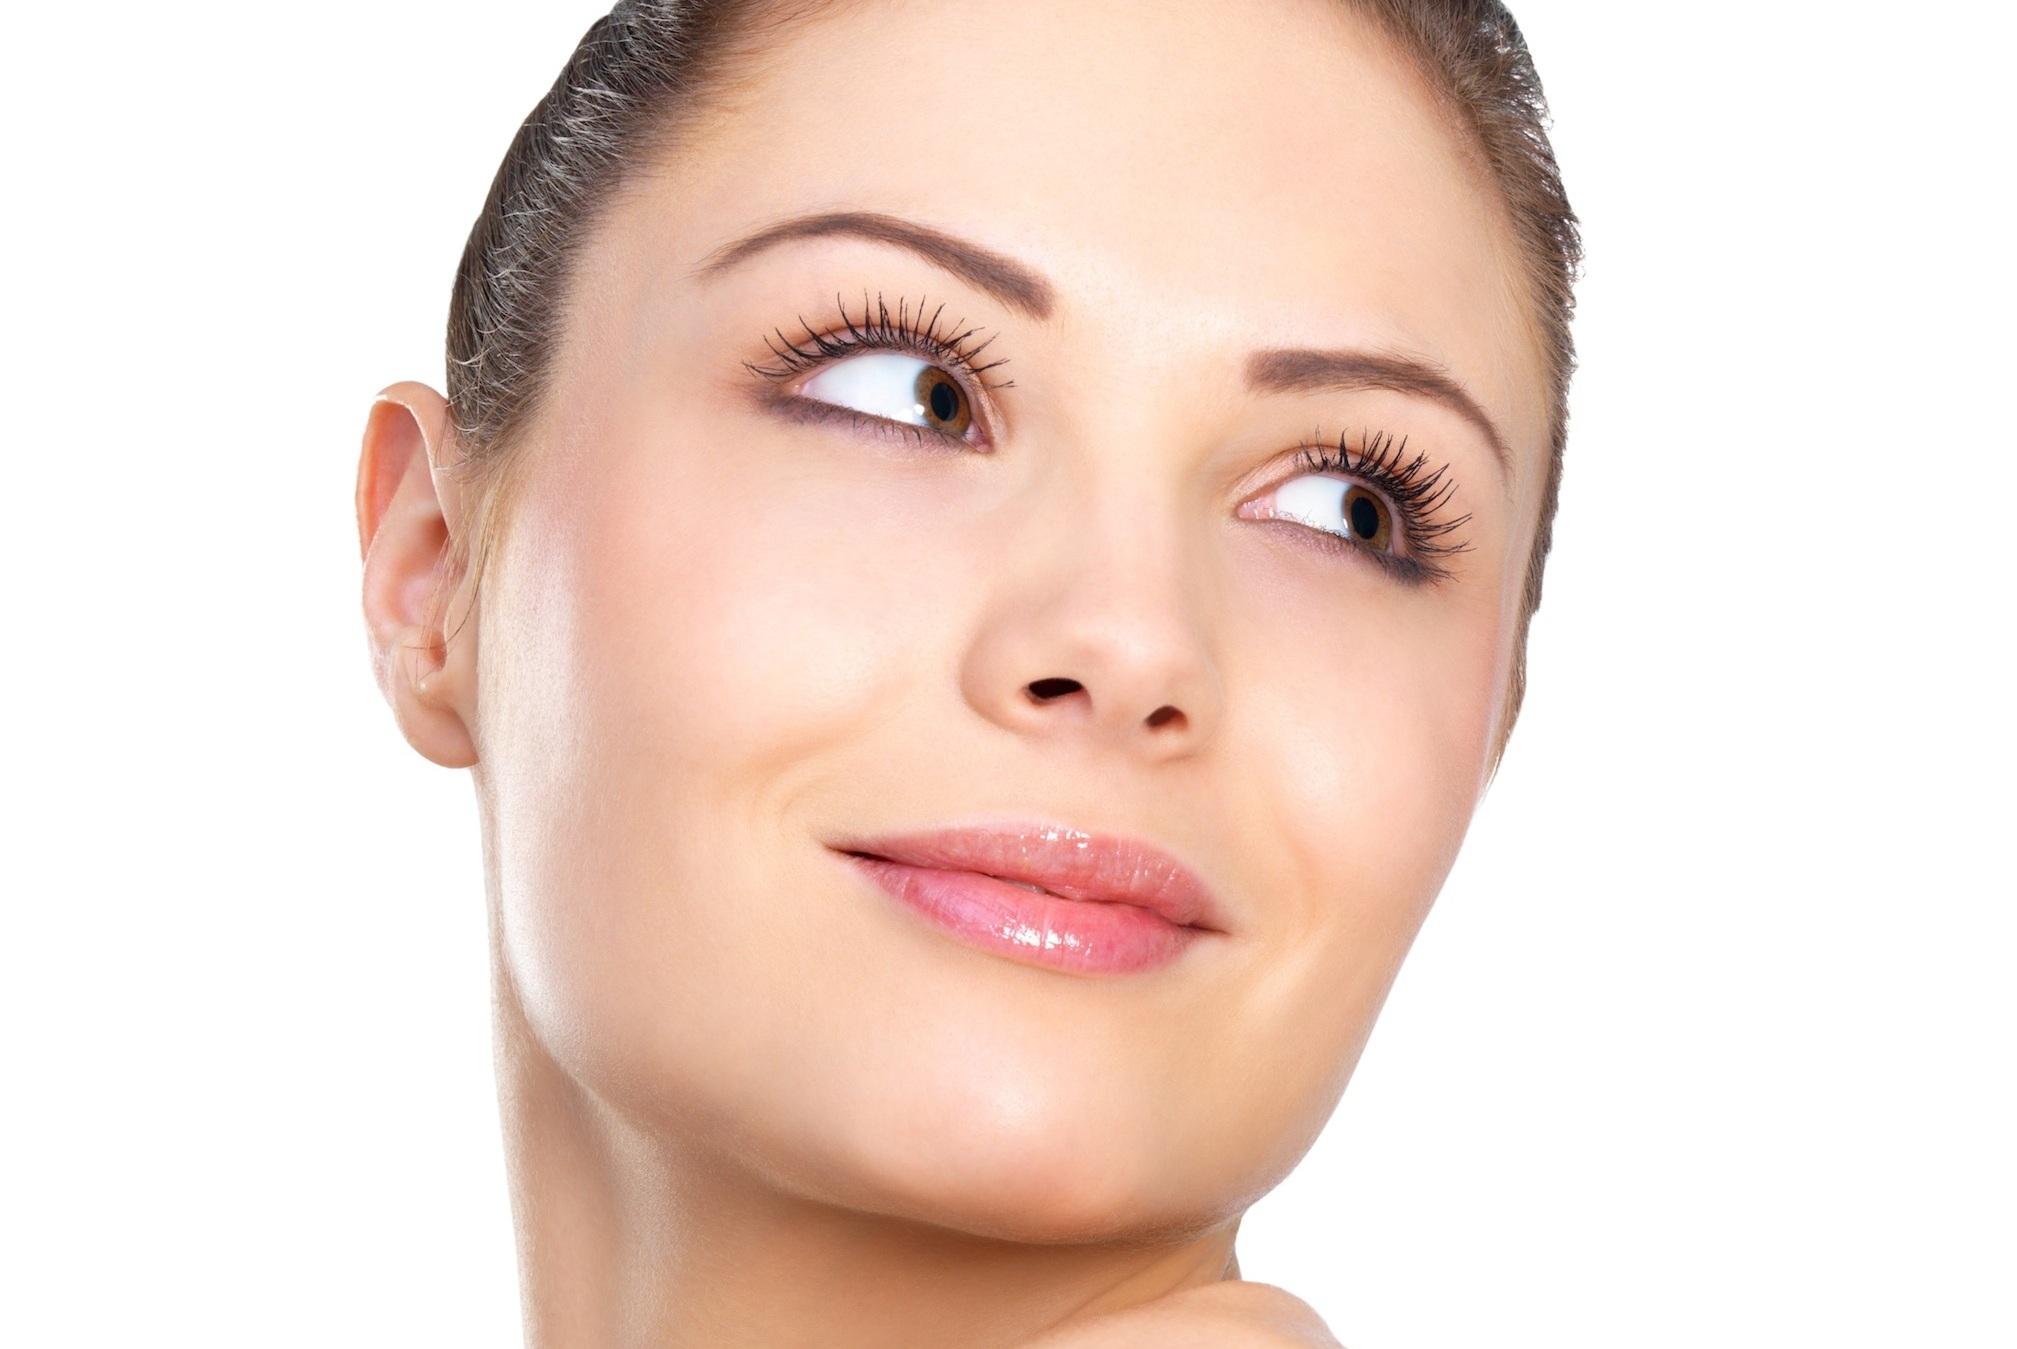 Căng da mặt nội soi thích hợp với người có làn da lão hóa